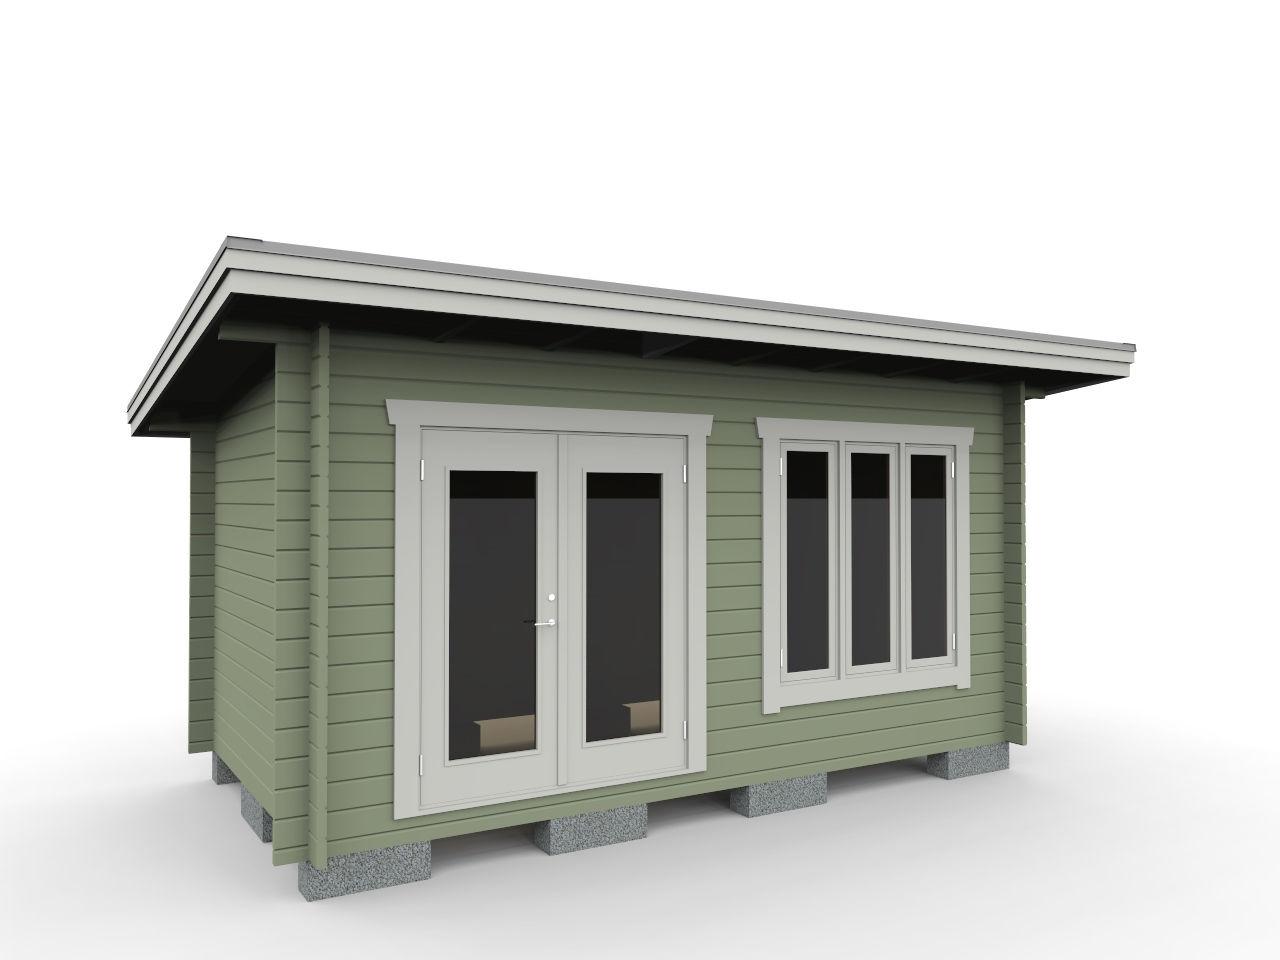 Friggeboda 15 m² med pardörr 16/19 och fönster 15/15